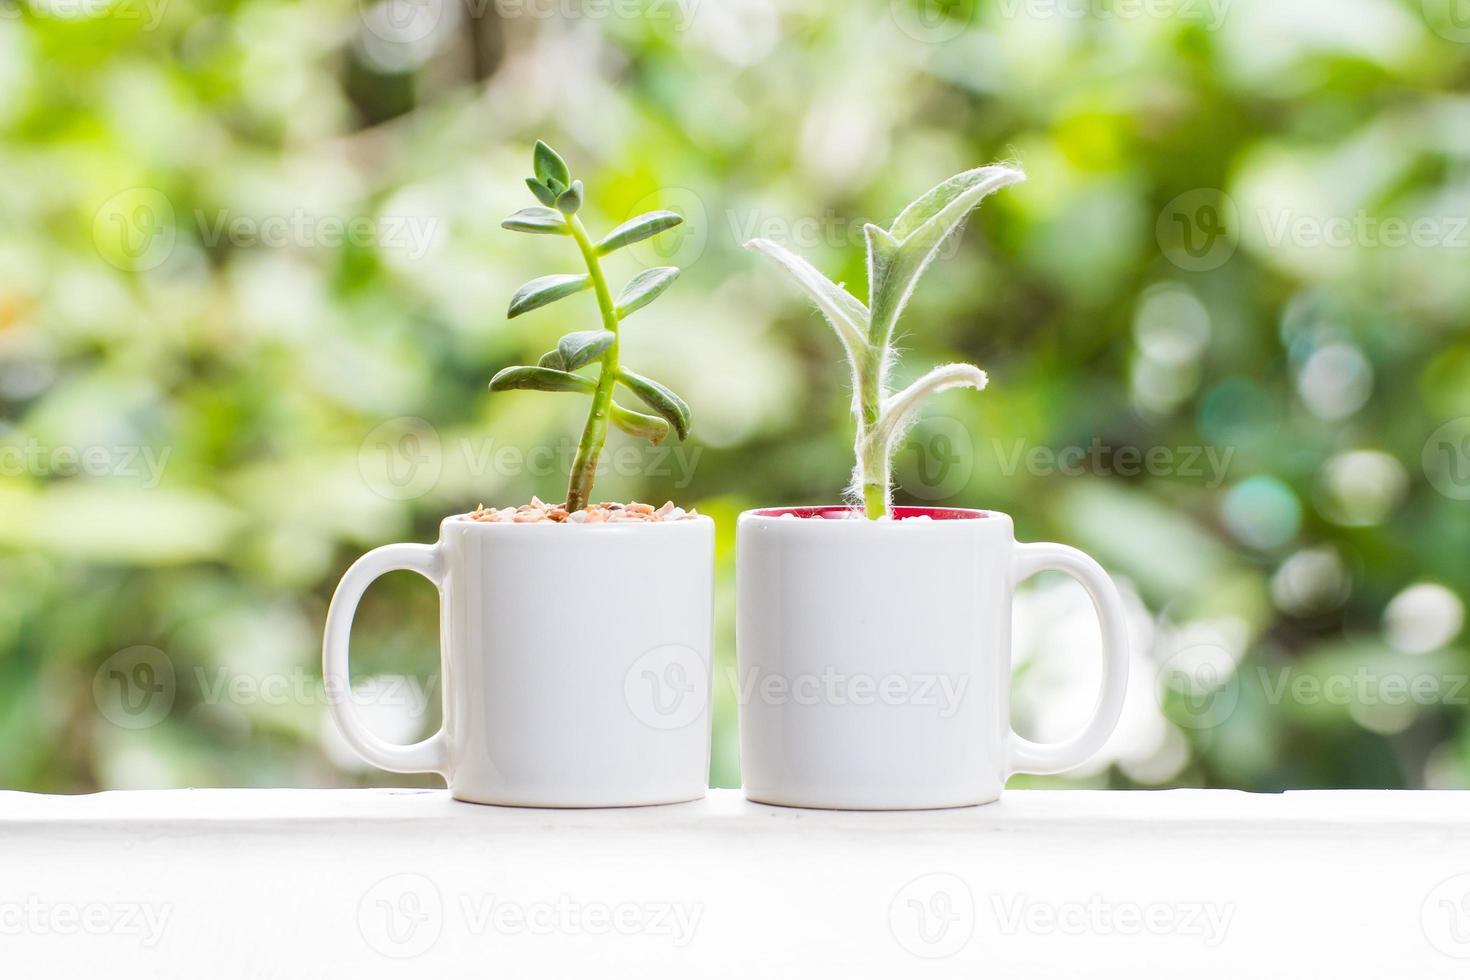 vacker kaktusblomma foto